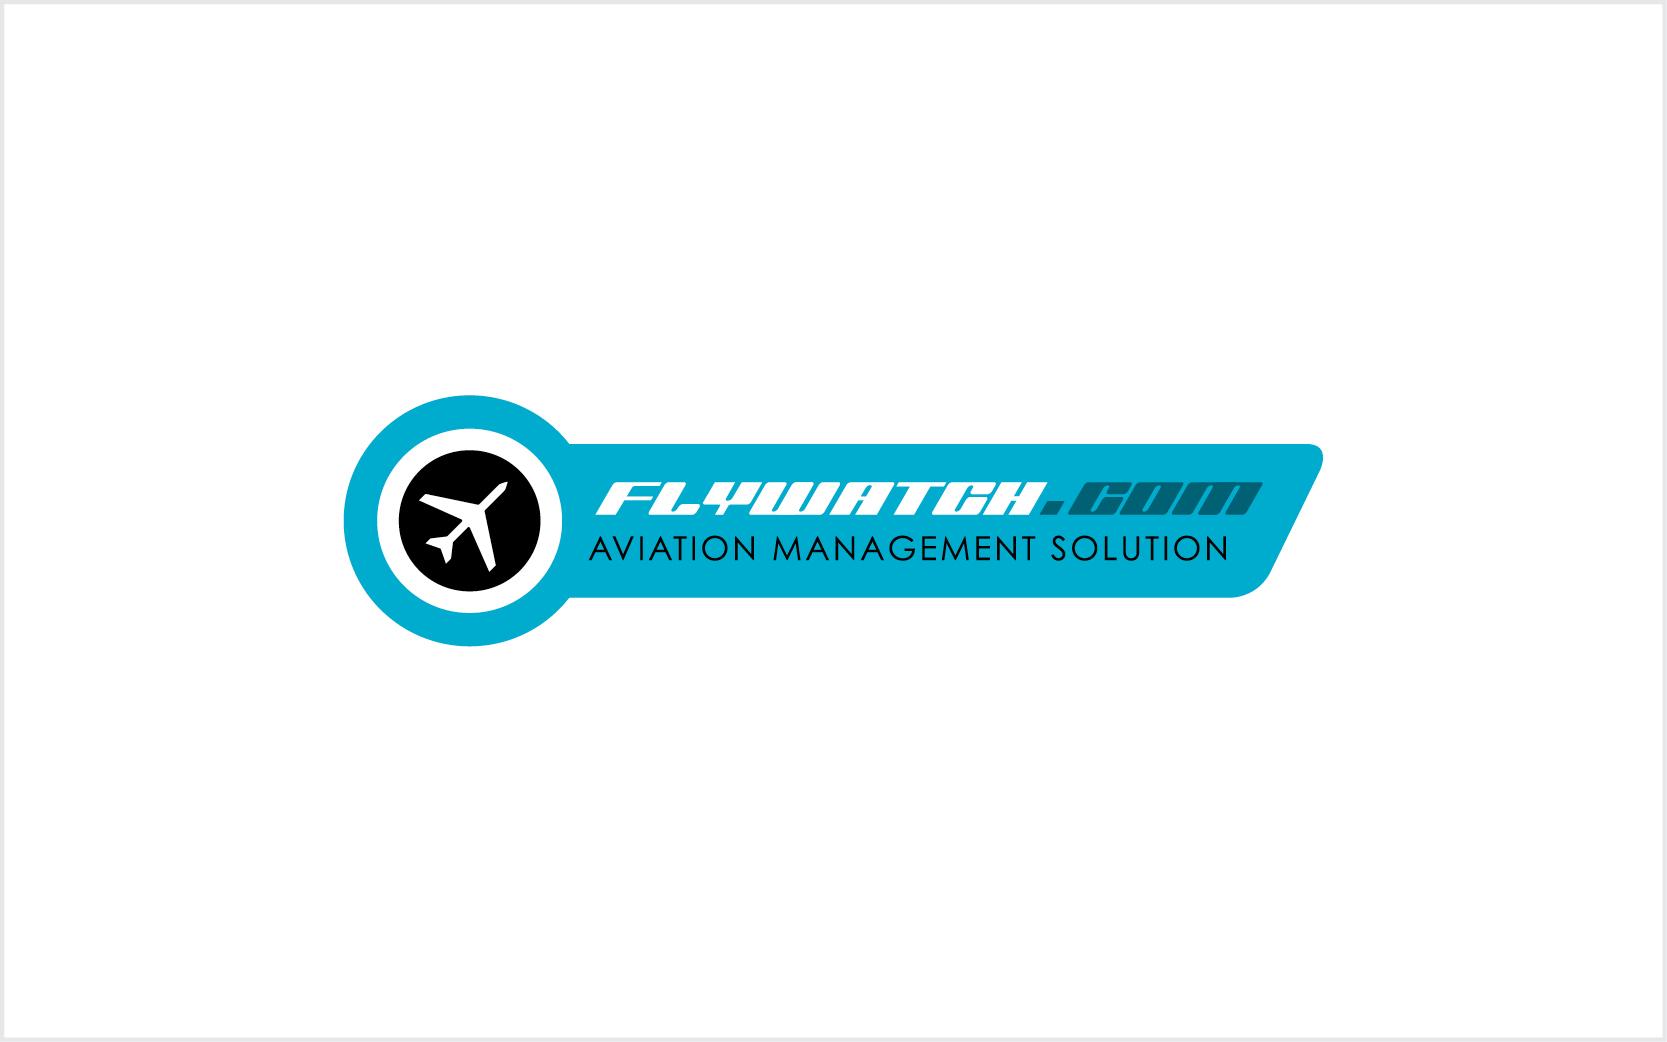 Flywatch Logo